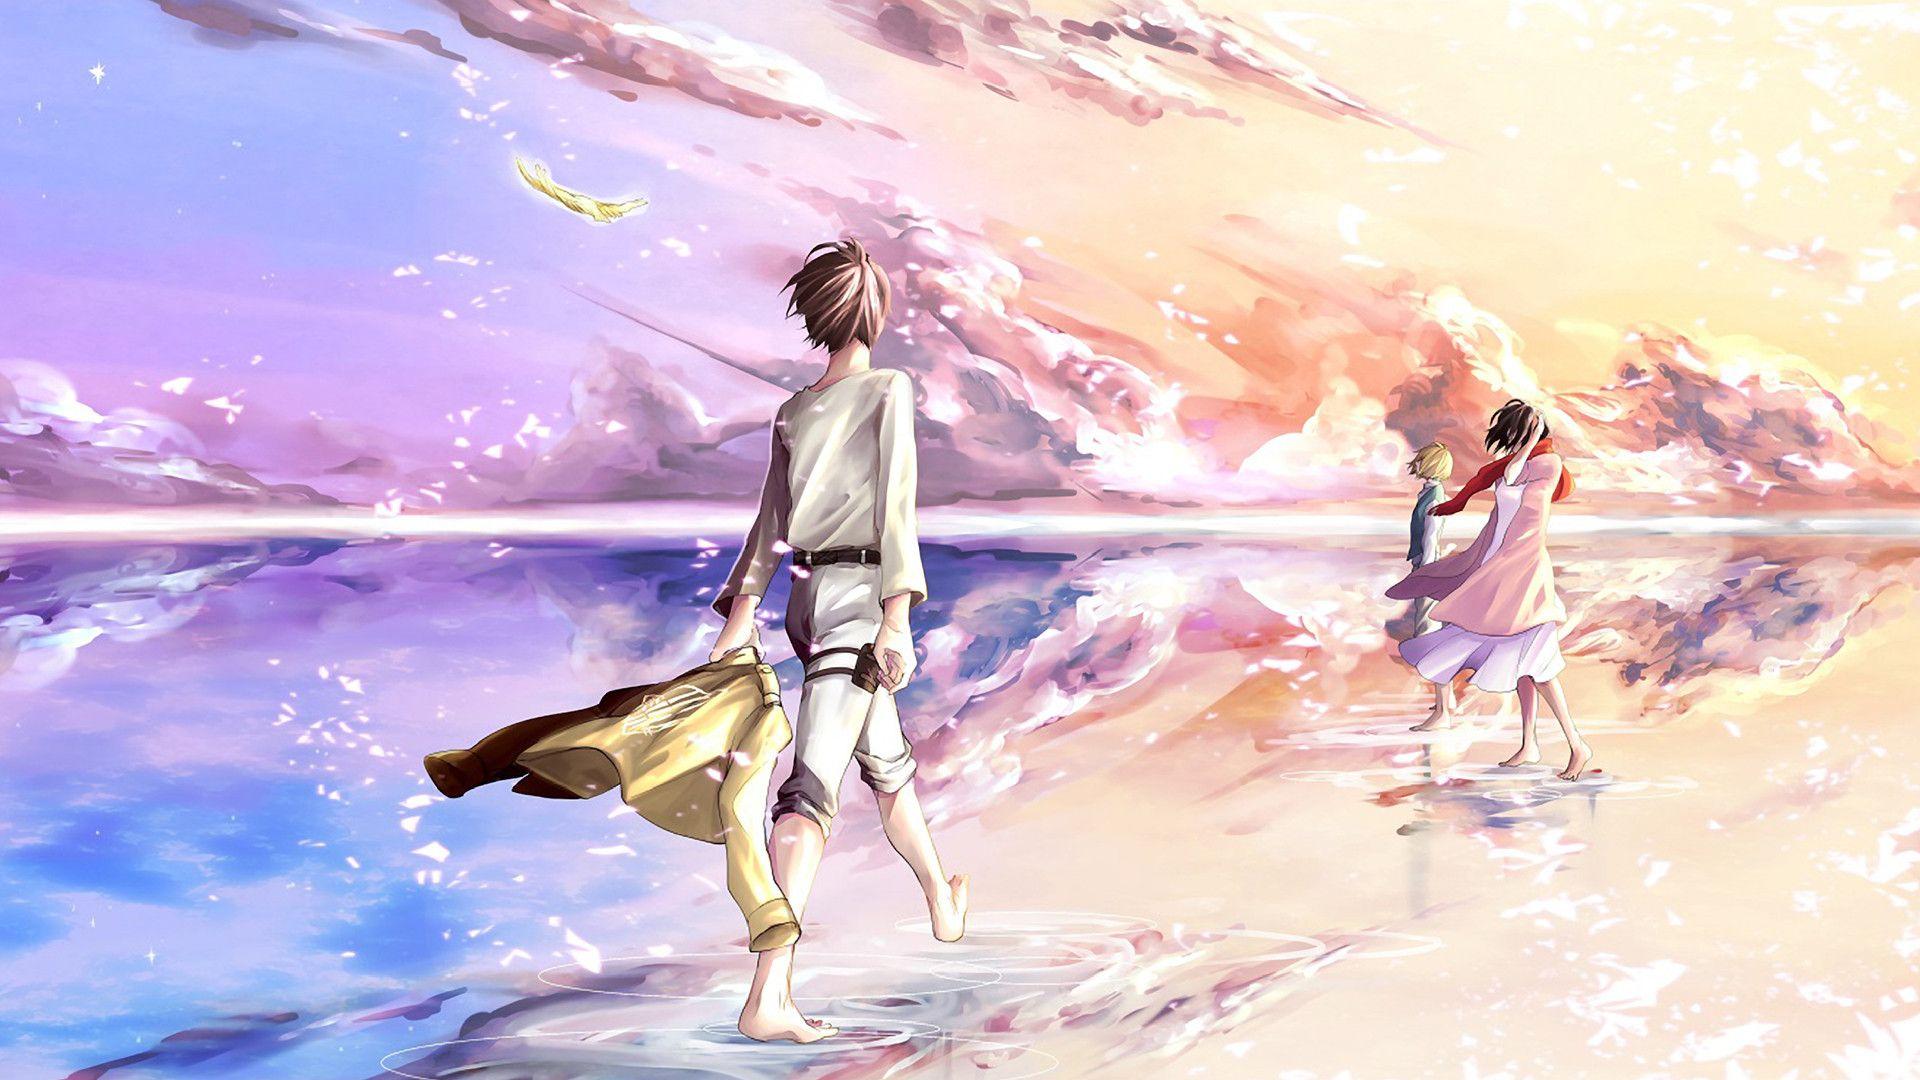 Shingeki no Kyojin » Fanart » Wallpaper Pastel cloudy